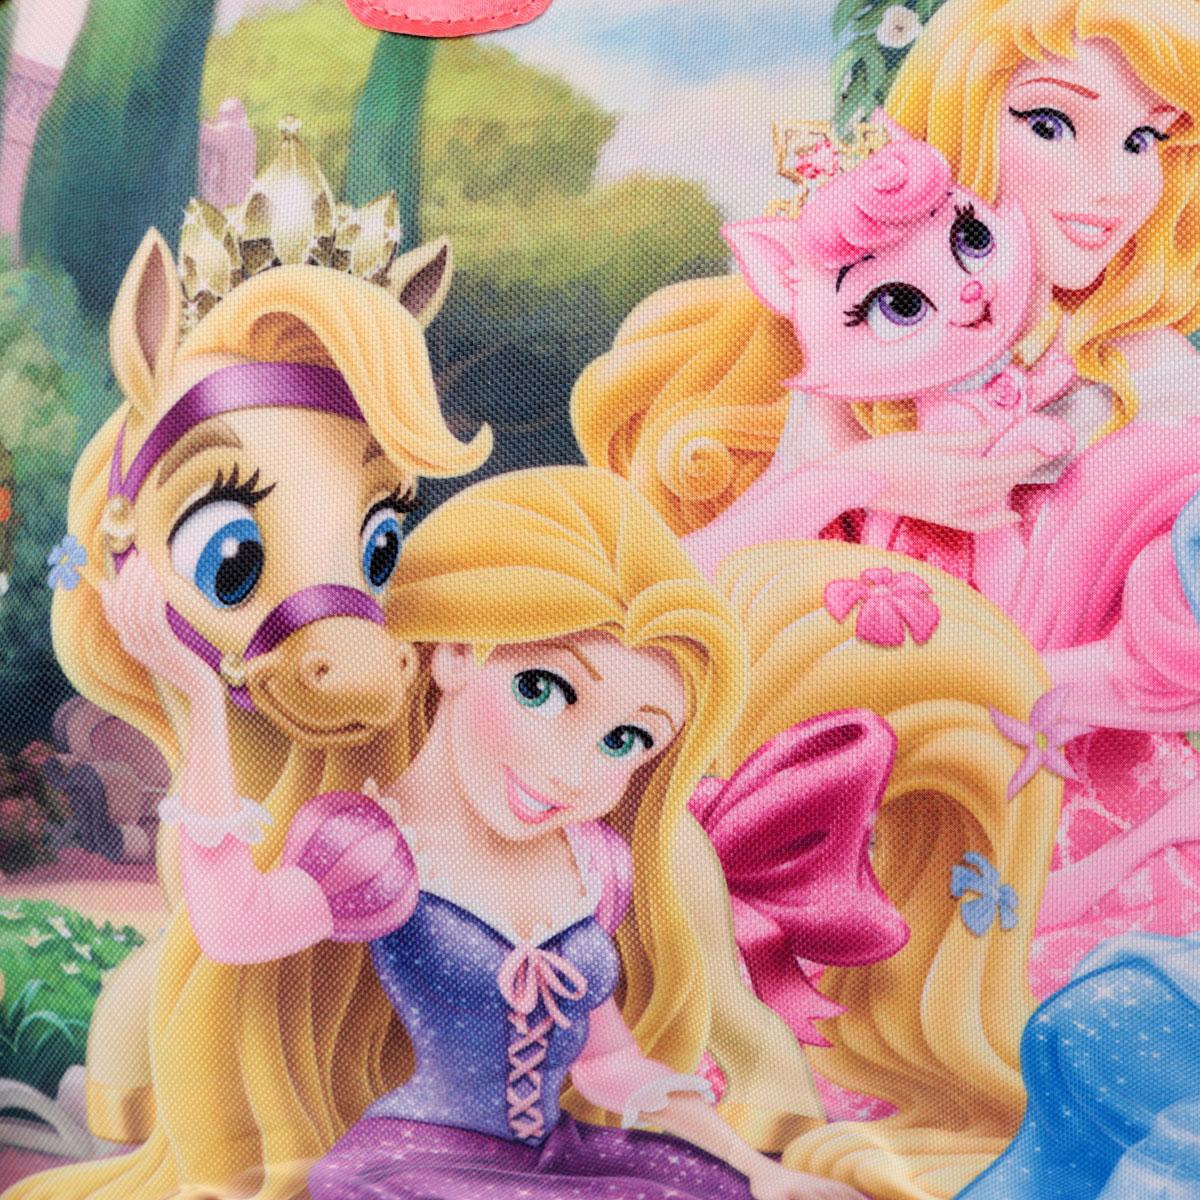 Стильная сумочка Princess порадует любую модницу и поклонницу мультфильма.  Сумочка имеет одно вместительное отделение, закрывающееся на молнию. Лицевая сторона сумочки оформлена изображением трех принцесс с животными. Сумочка оснащена ручками для переноски в руке. Высота ручек 20 см. Каждая юная поклонница популярного мультфильма будет рада такому аксессуару.  Предназначено для детей 7-10 лет.